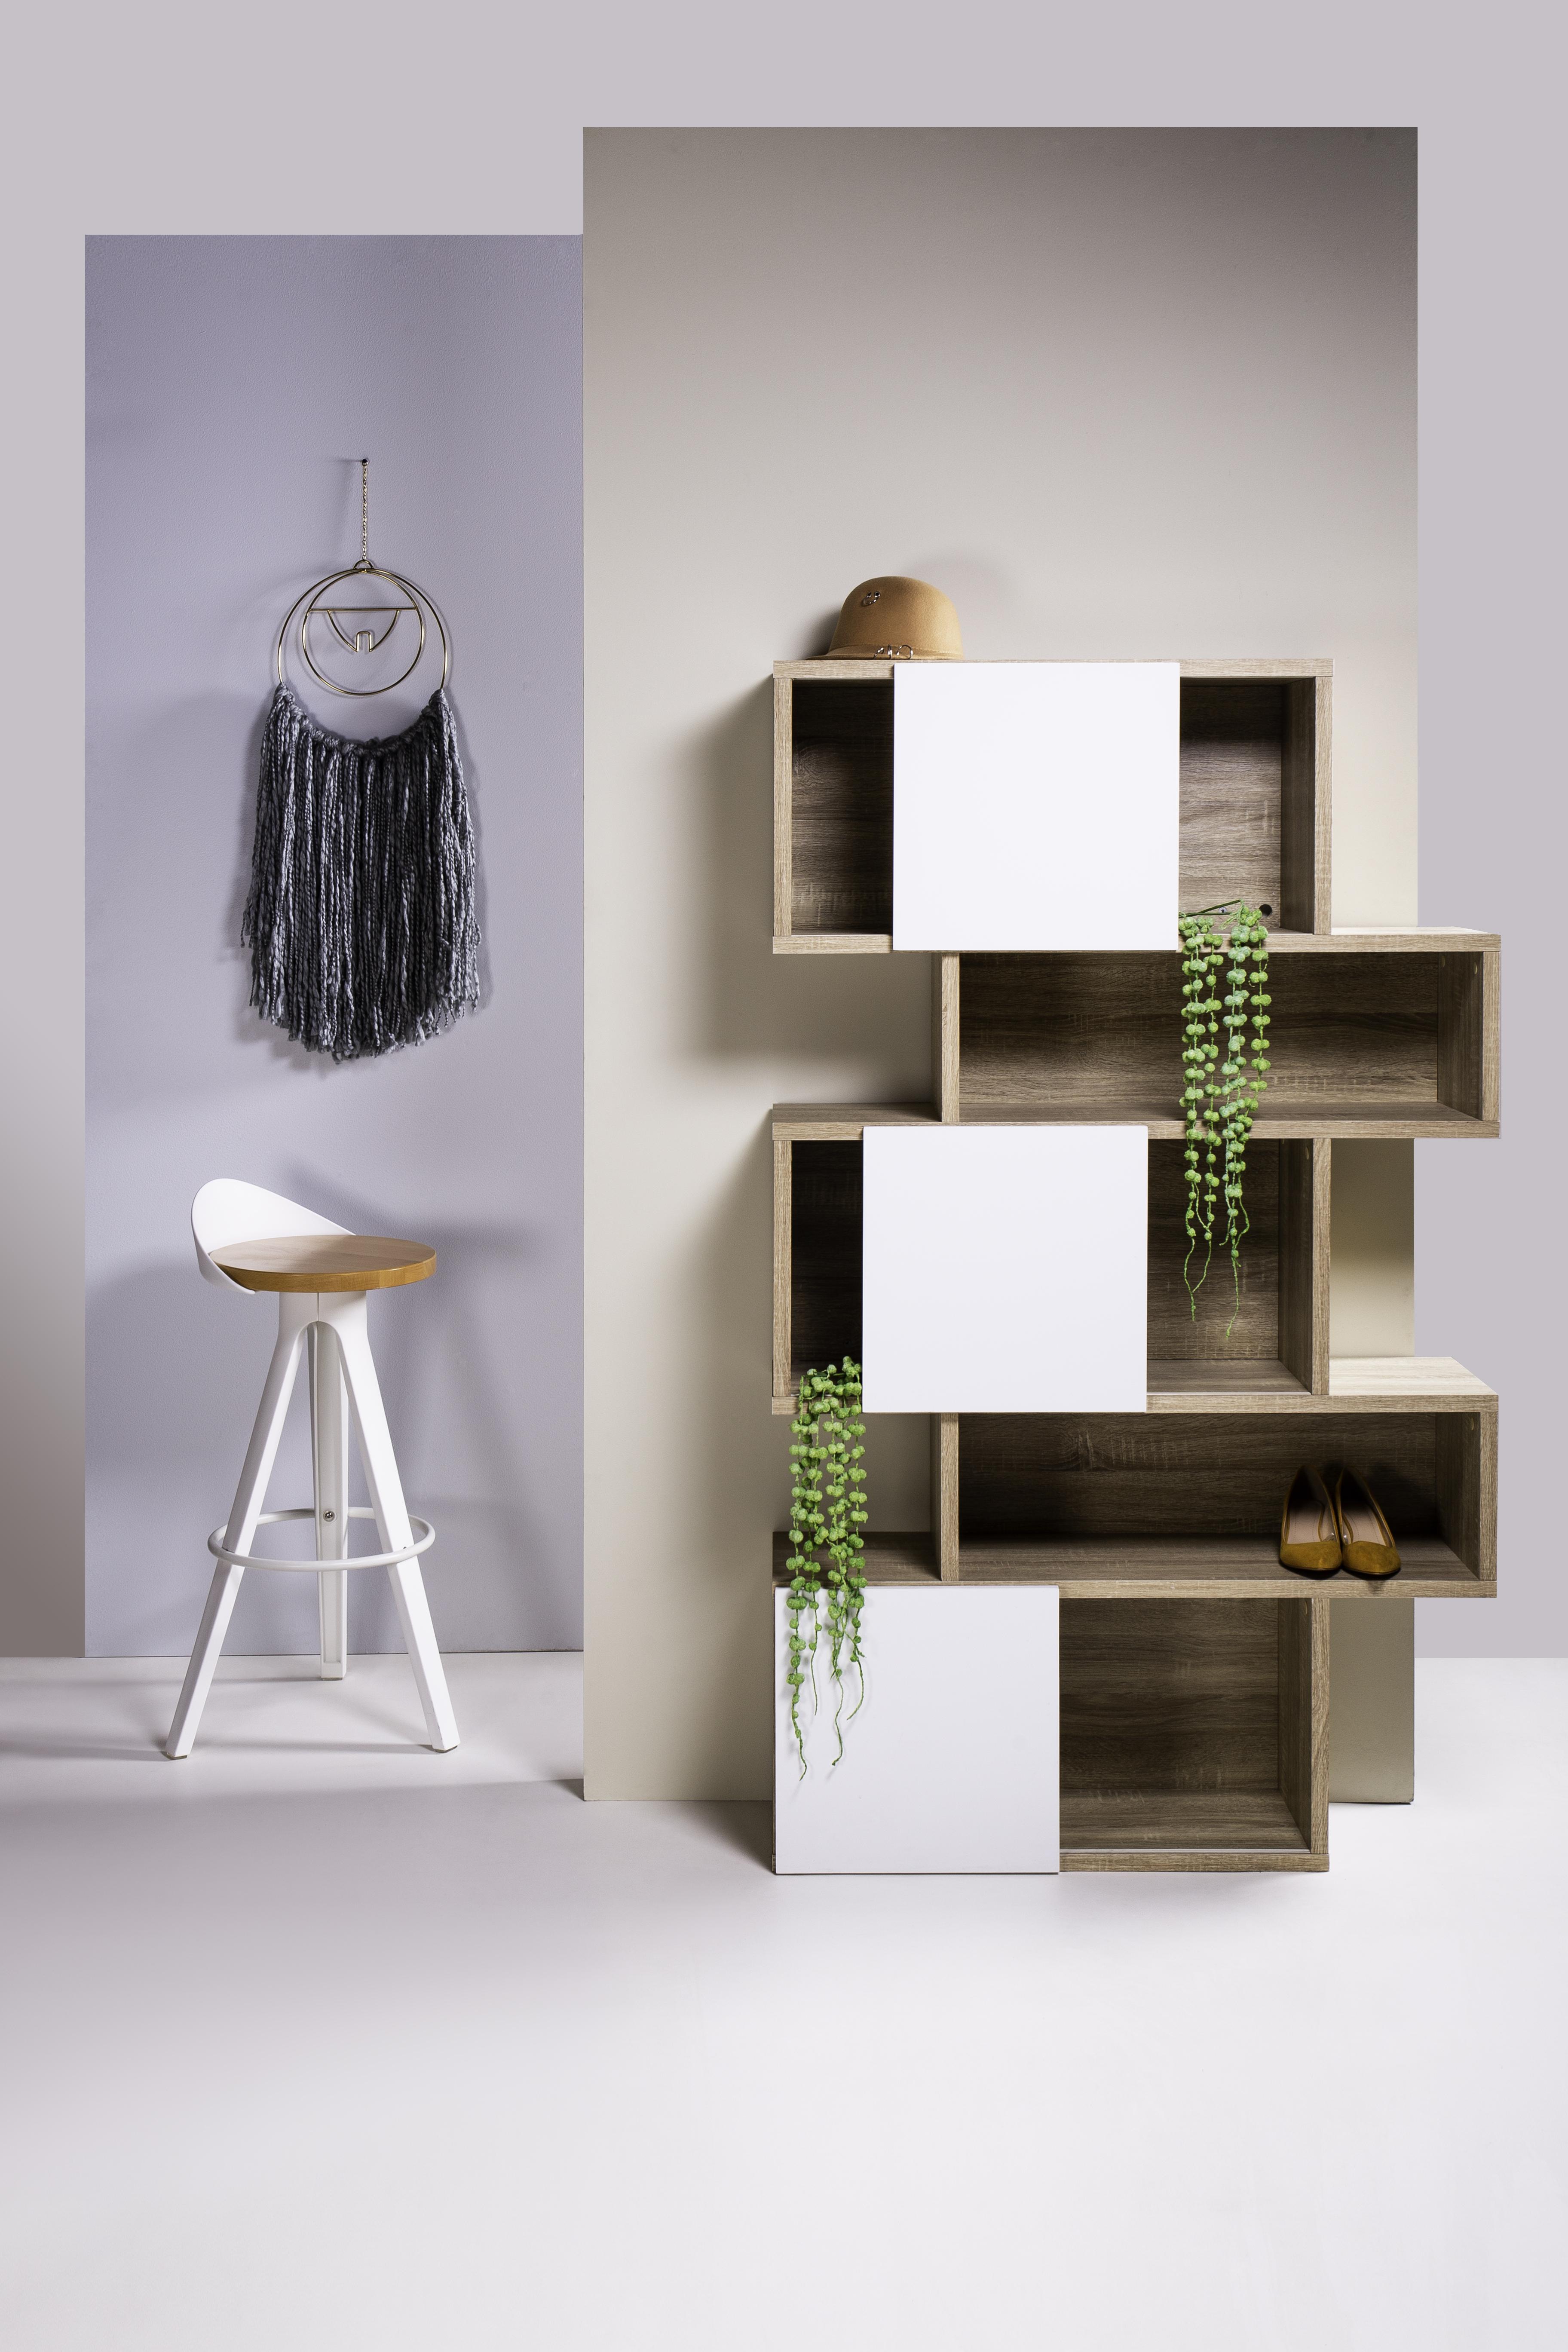 omo decorar espacios pequeños soluciones verticales